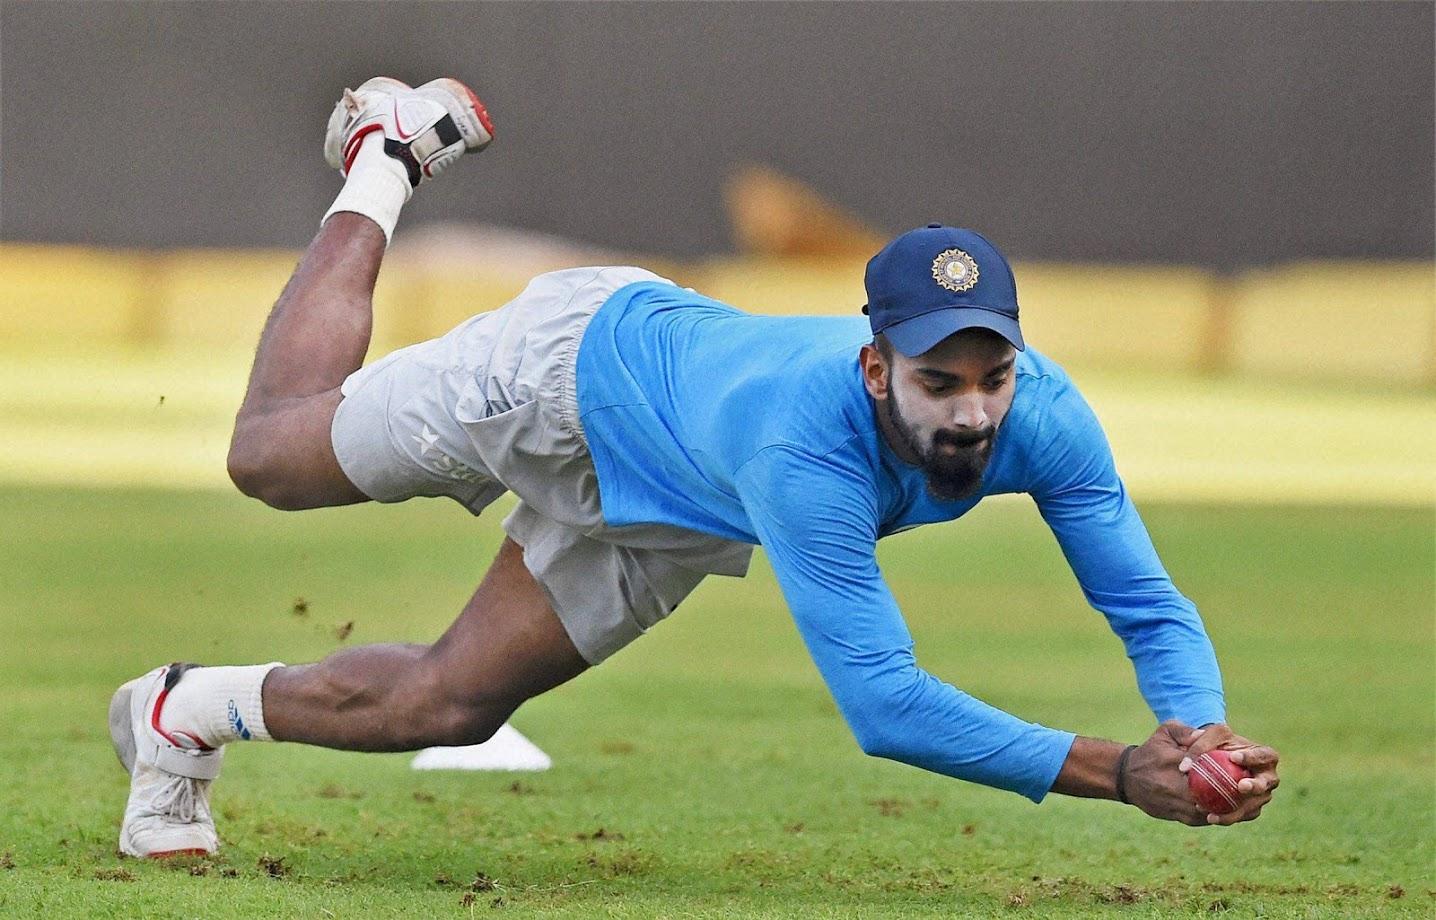 दूसरी वजह: केएल राहुल ना सिर्फ आईपीएल में दमदार प्रदर्शन कर रहे हैं बल्कि उन्हें टीम मैनेंजमेंट खासकर कोच रवि शास्त्री और कप्तान विराट कोहली का बैकअप भी हासिल है.